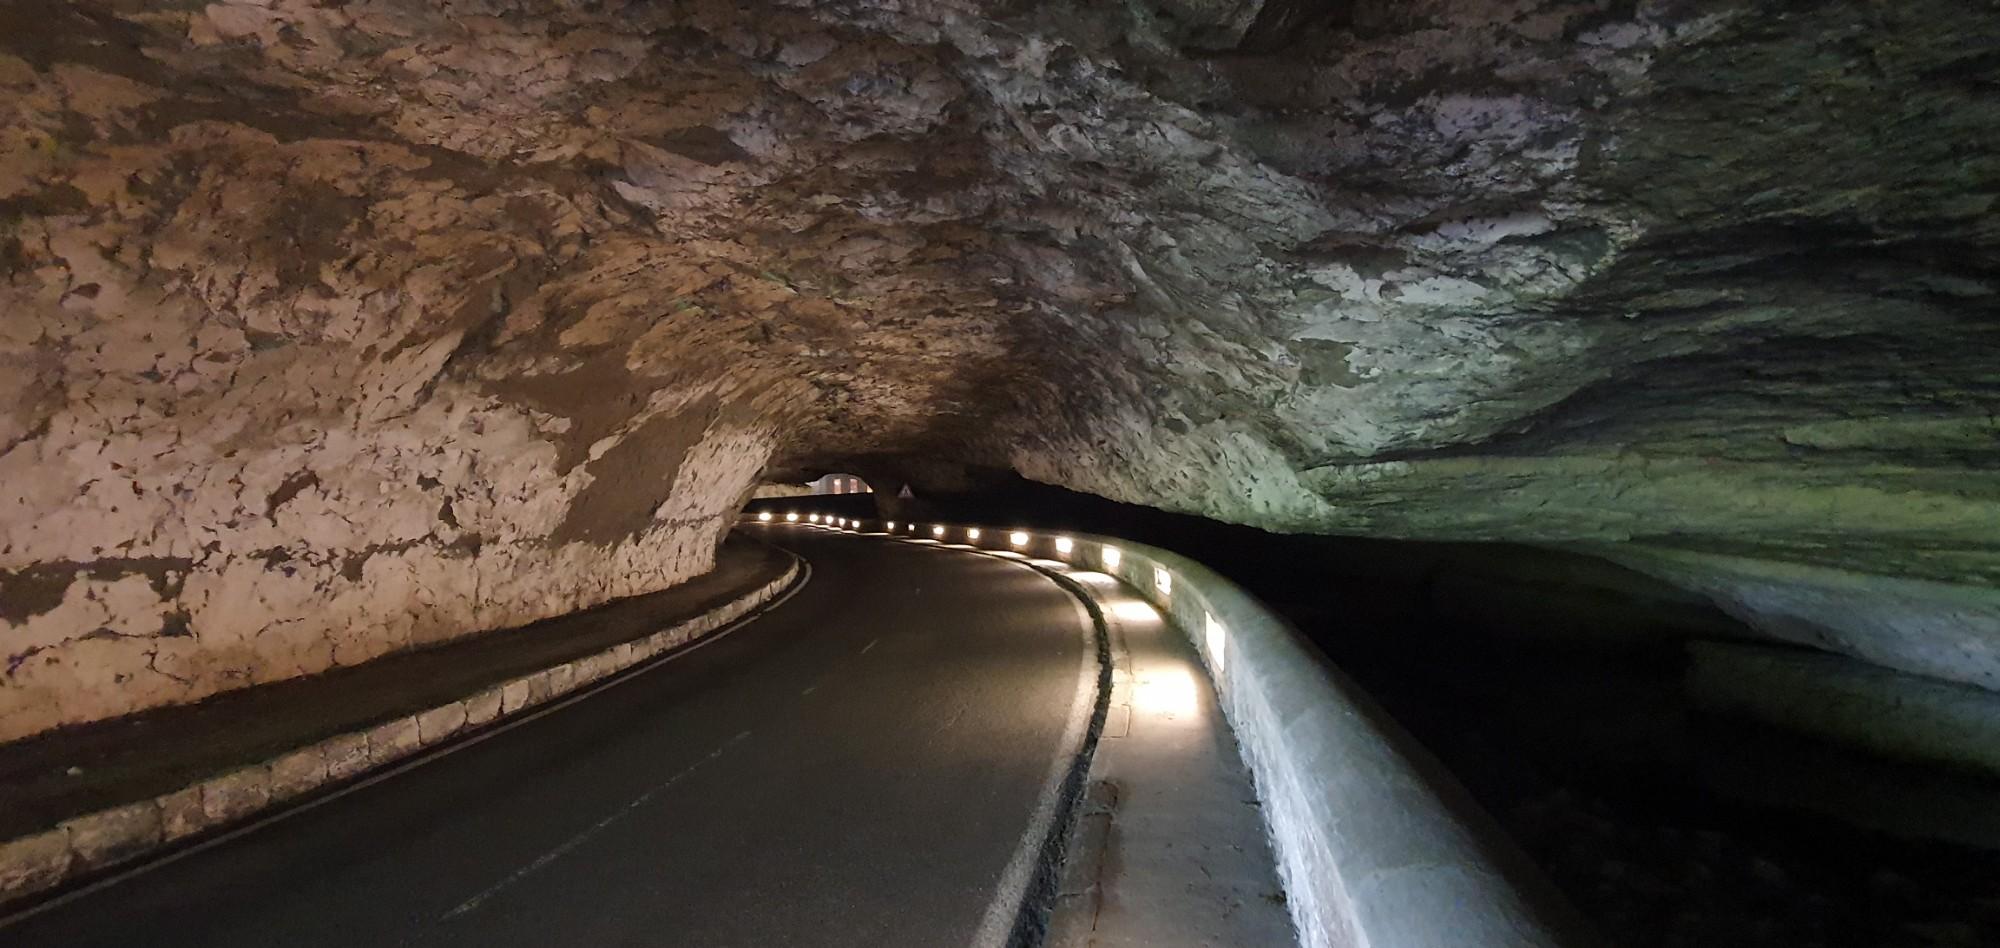 20 juin : Grotte du Mas d'Azil